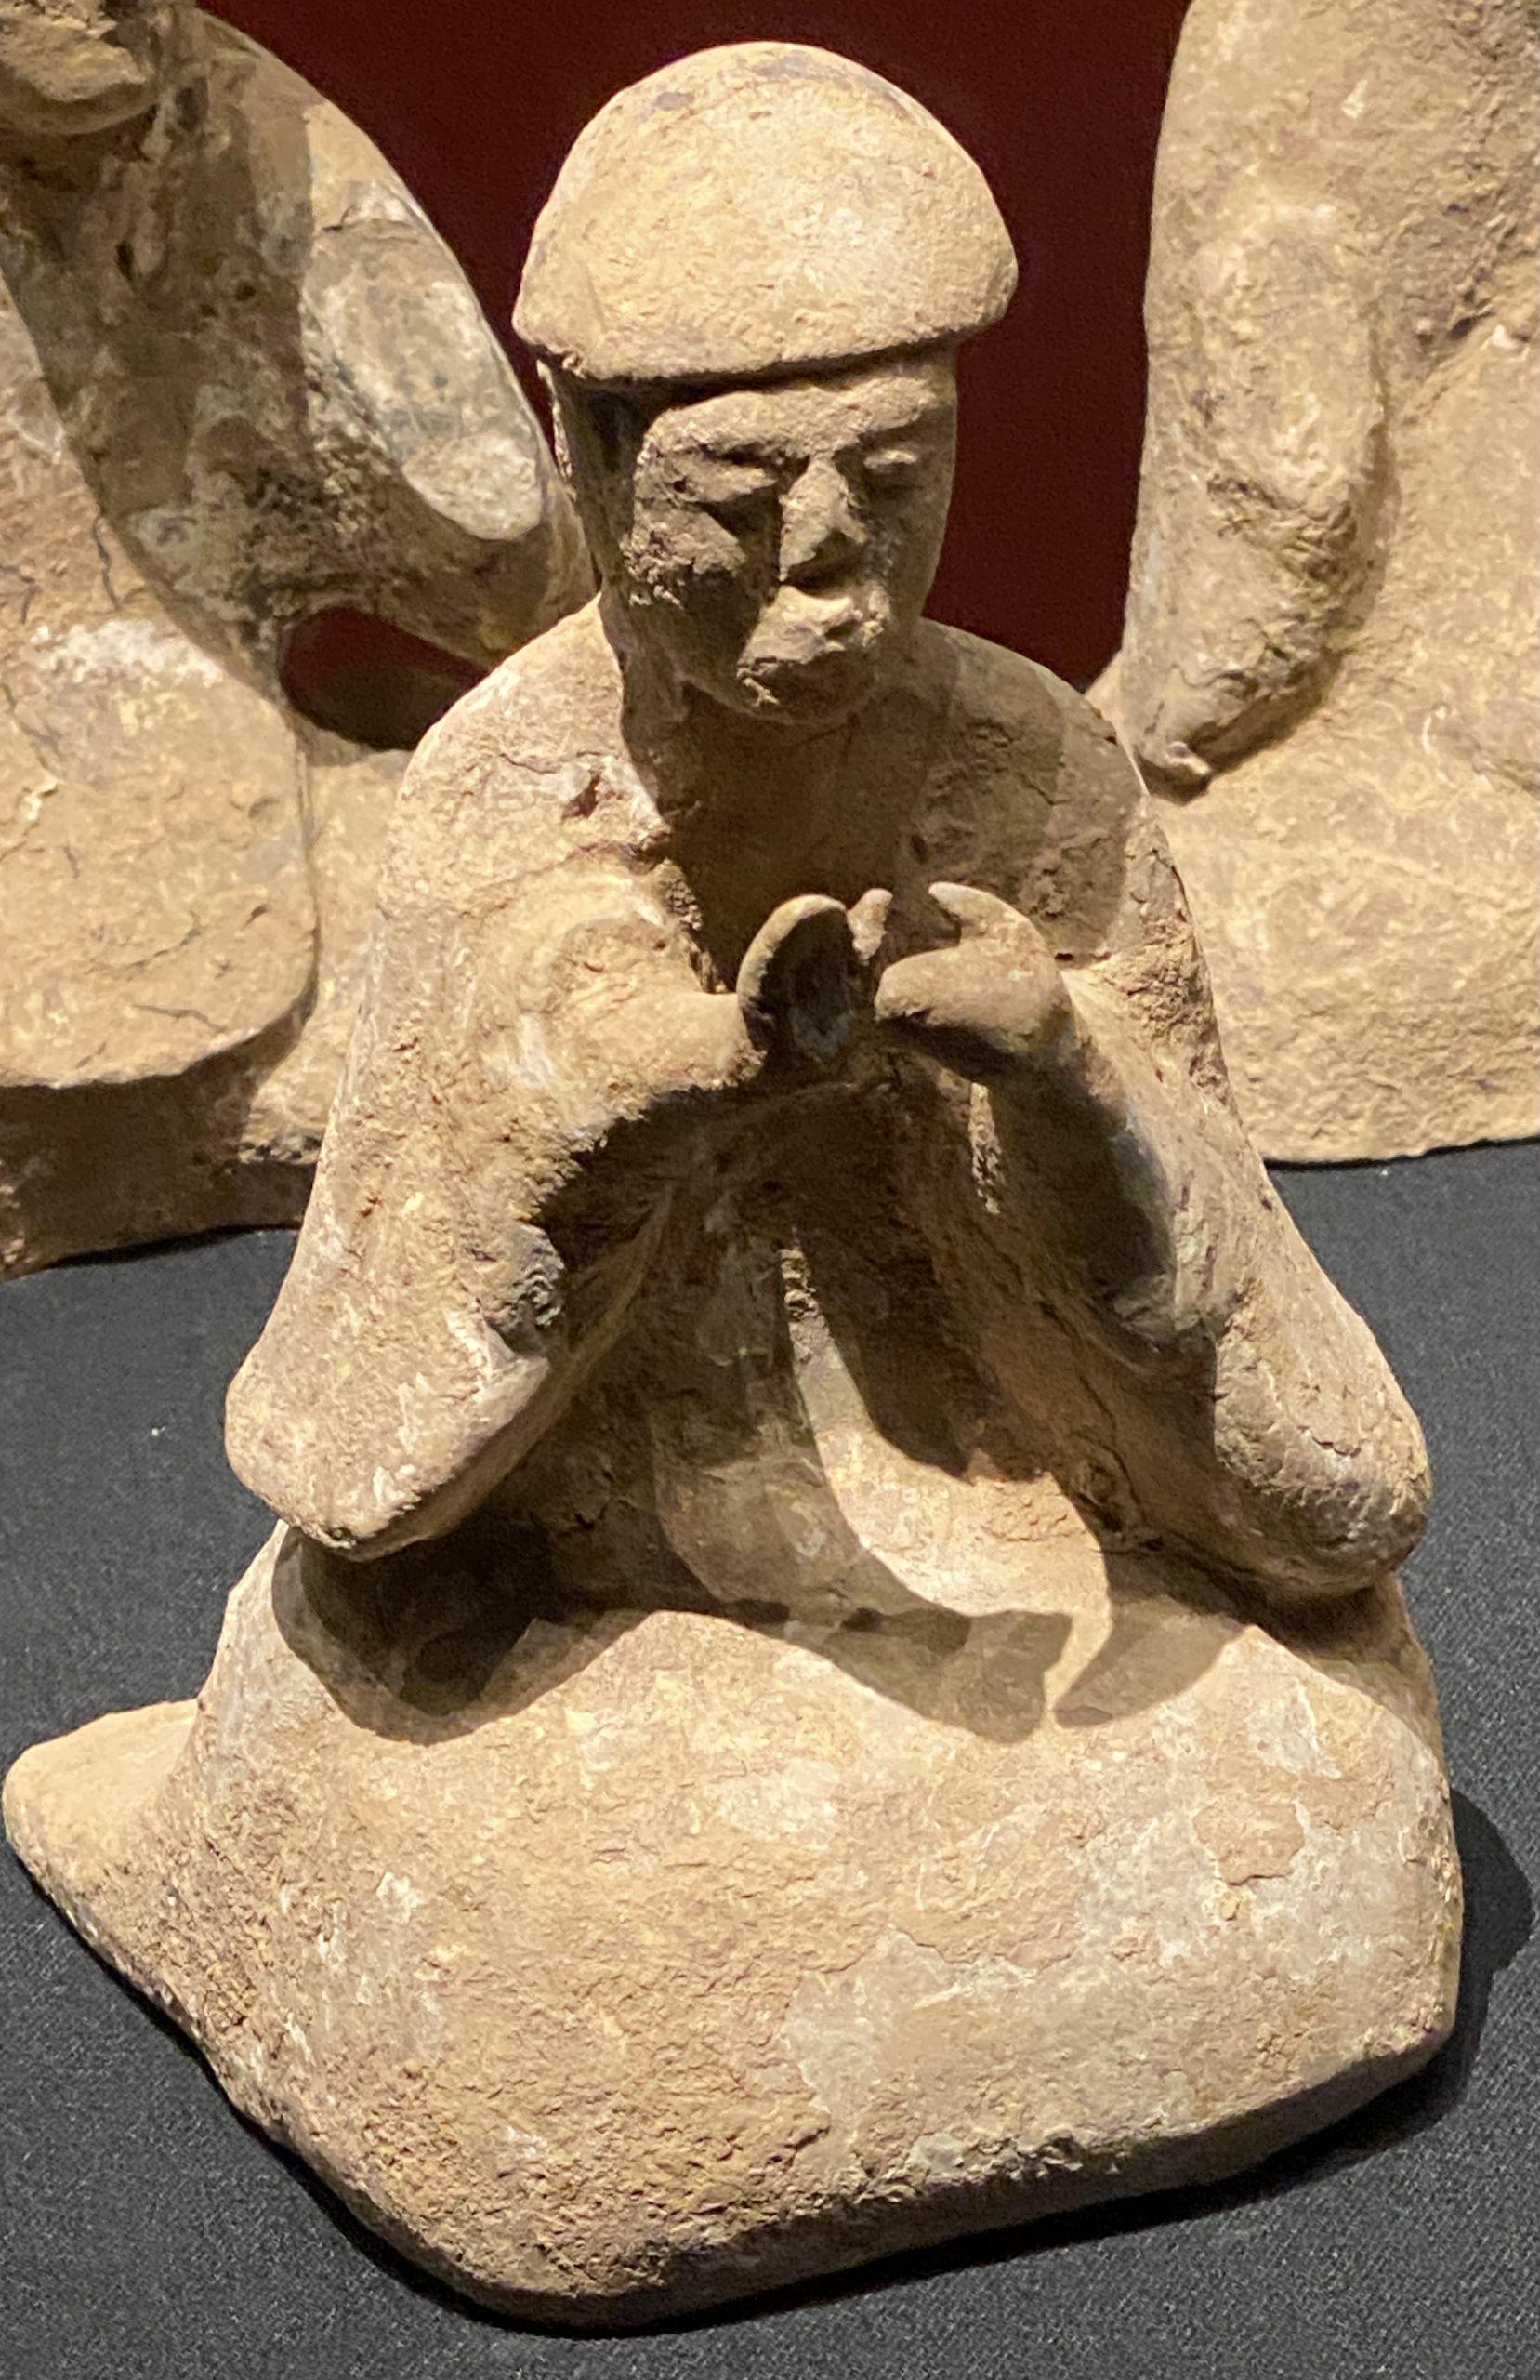 宴楽俑-【列備五都-秦漢時代の中国都市】-成都博物館-四川成都